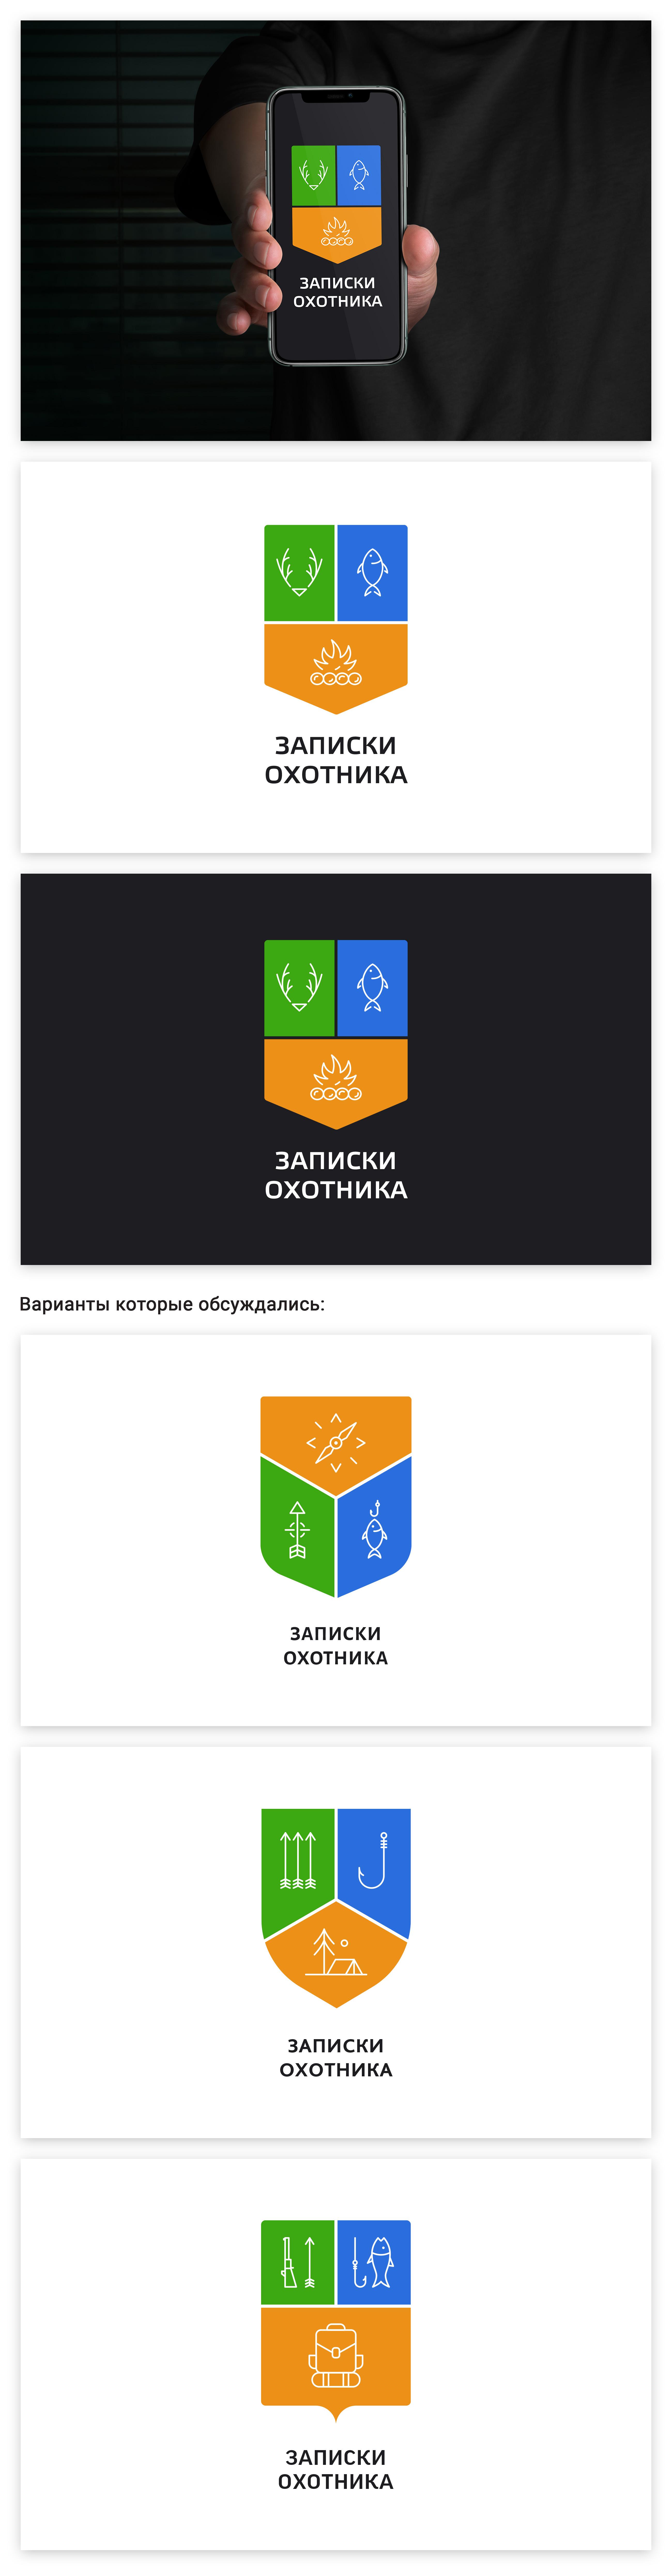 """Разработка логотипа для приложения """"Записки охотника"""""""